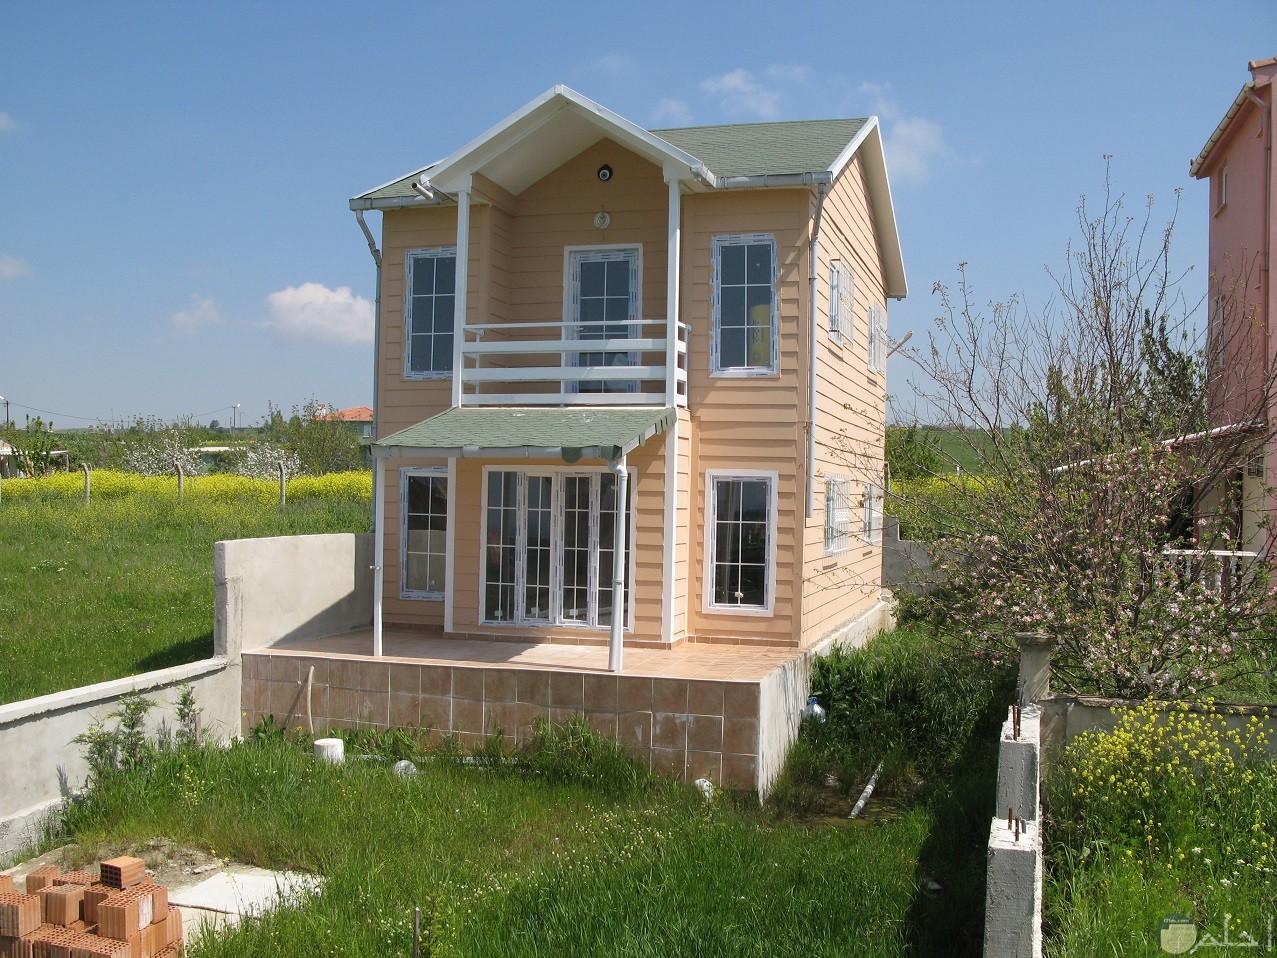 منزل جميل وسط الخضرة.